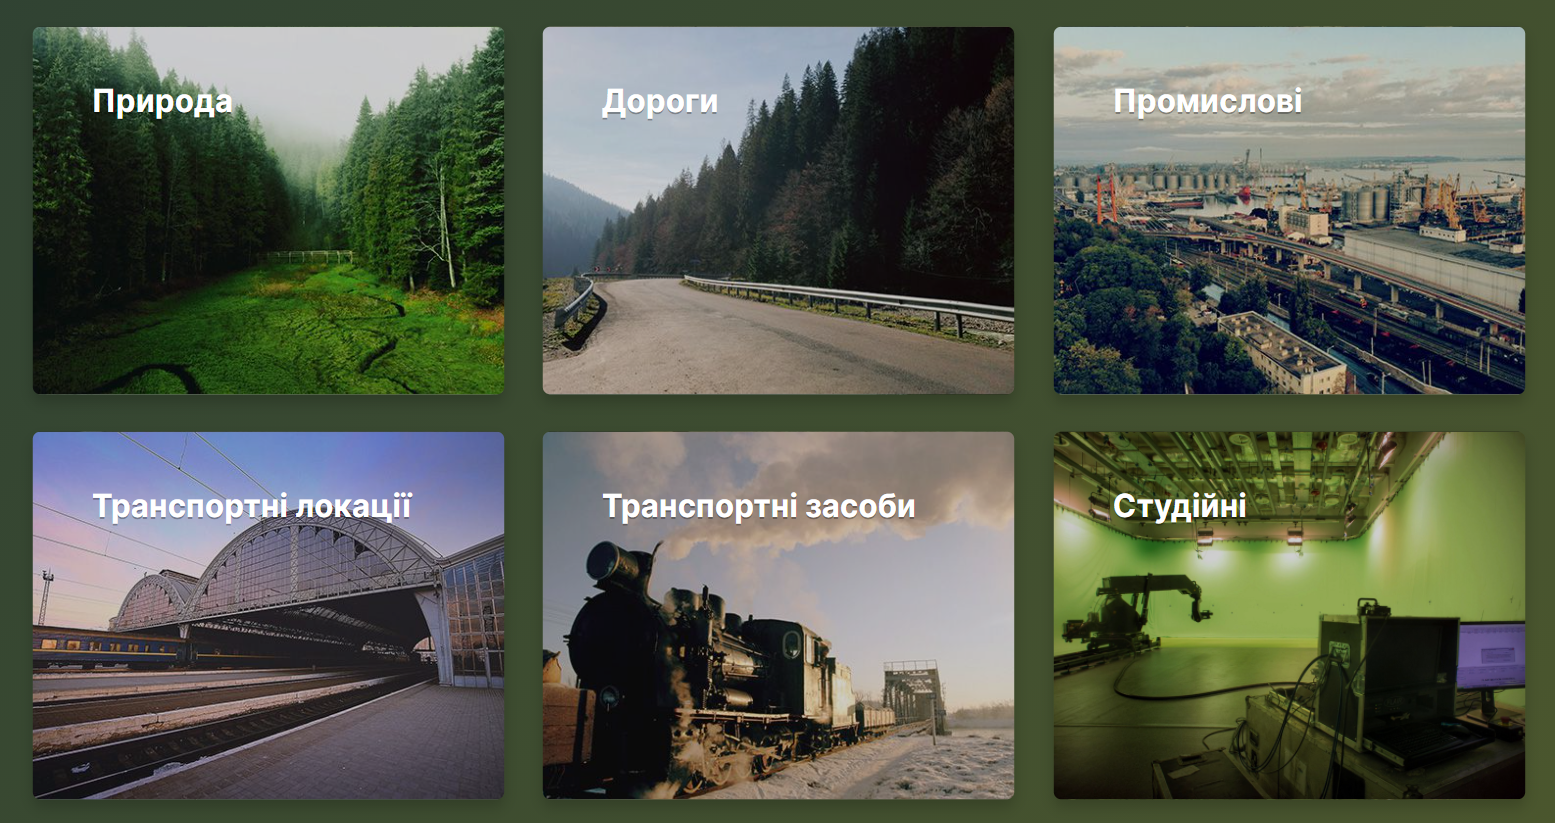 Сайт дня. В Украине появилась платформа, на которой можно найти локации для съемок (даже кино!)